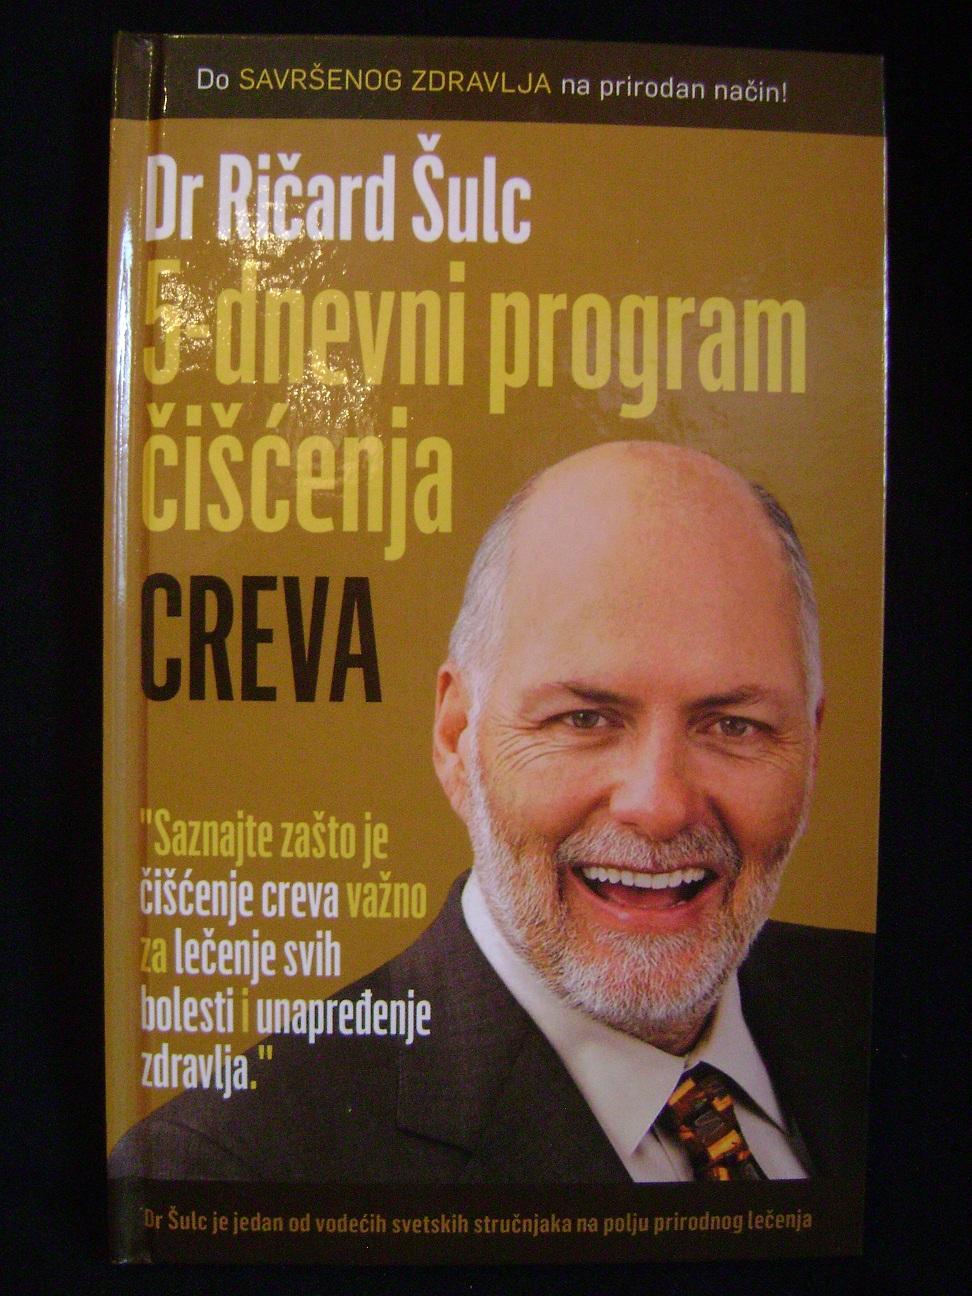 5-DNEVNI_PROGRAM_CISCENJA_CREVA_Ricard_Sulc.JPG